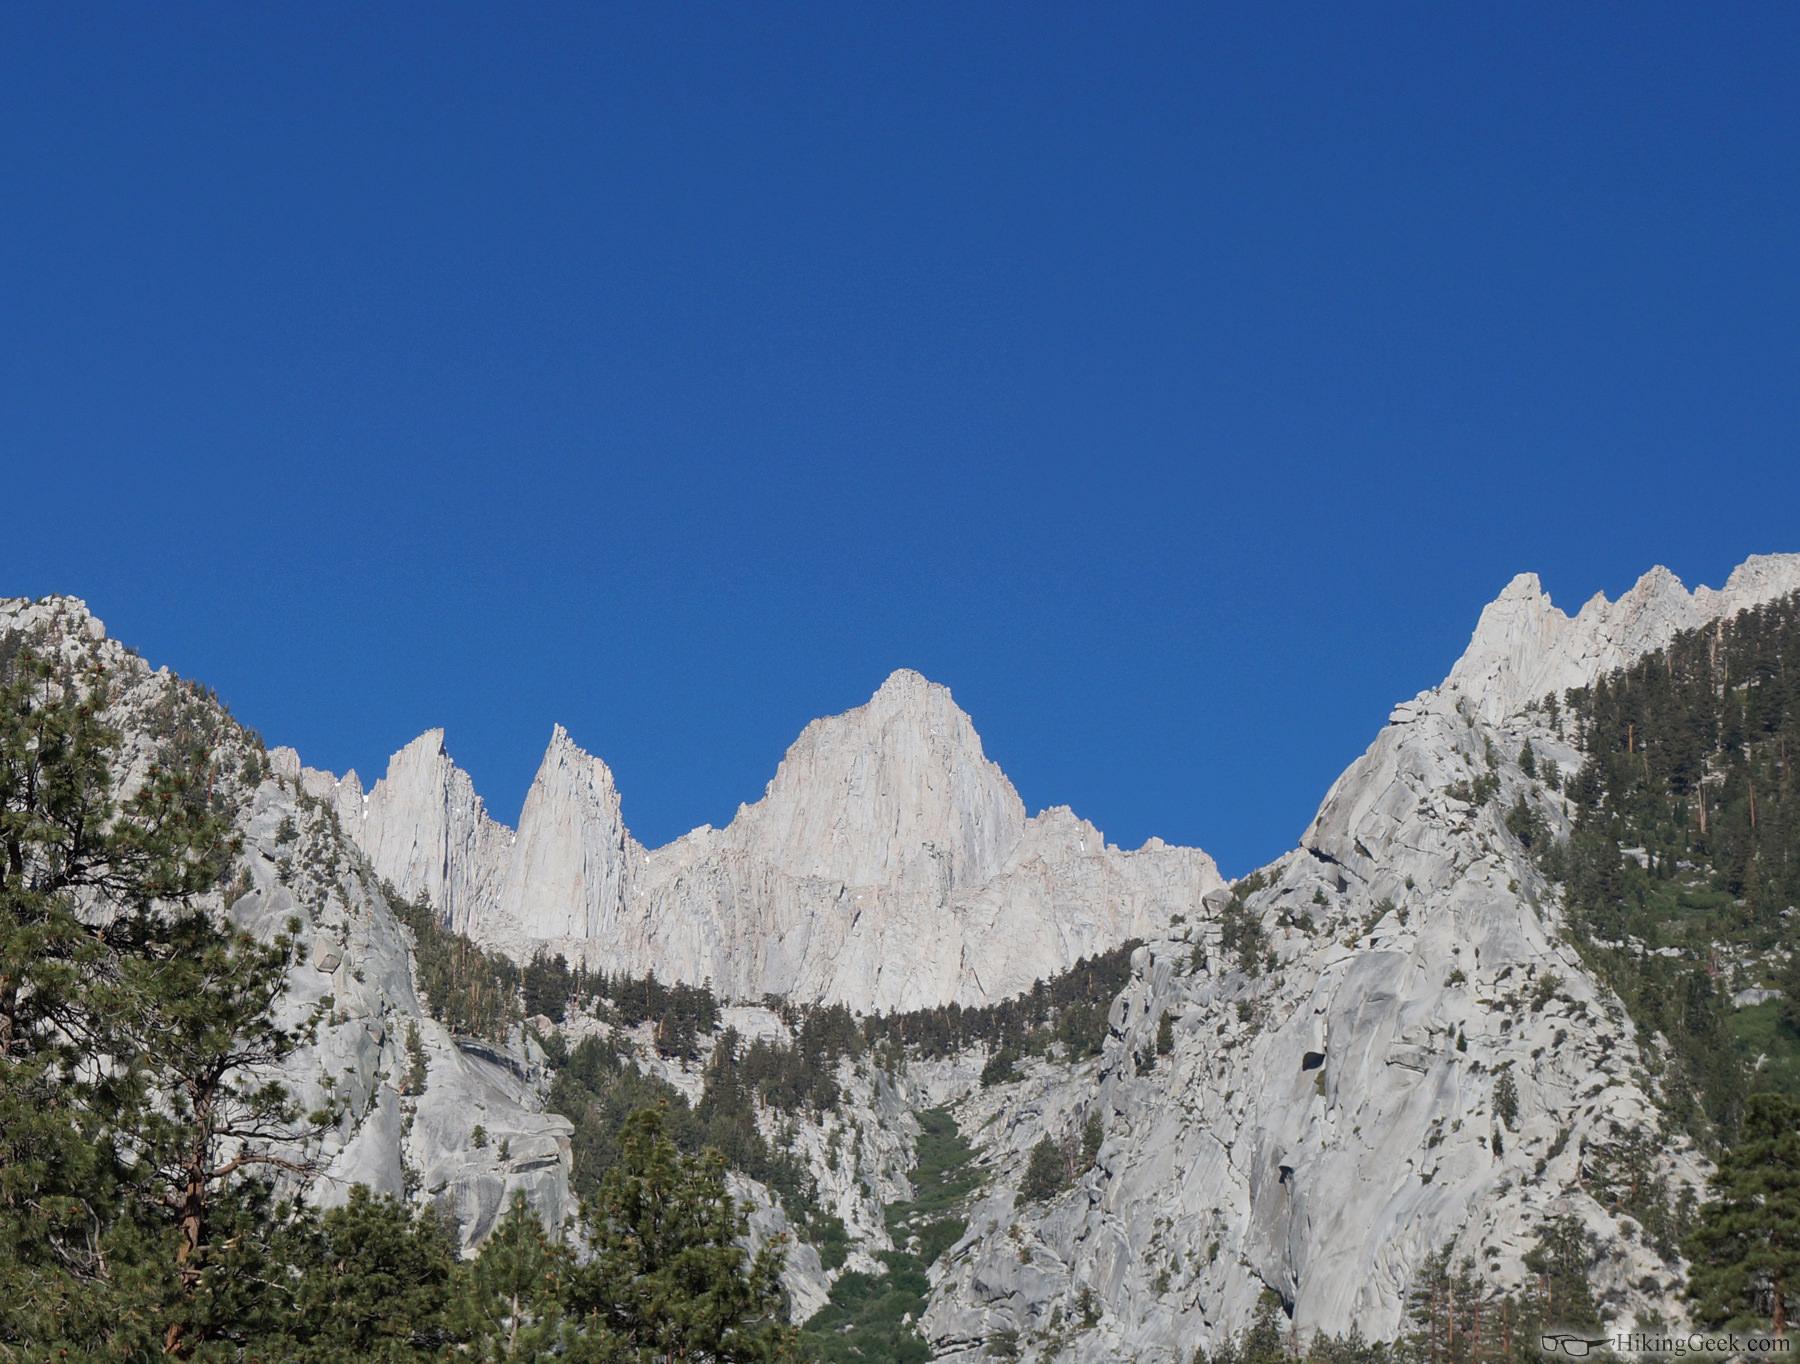 Trip & Hike Planning, June 1-4 2014 (Mt. Whitney, Yosemite & Mammoth)